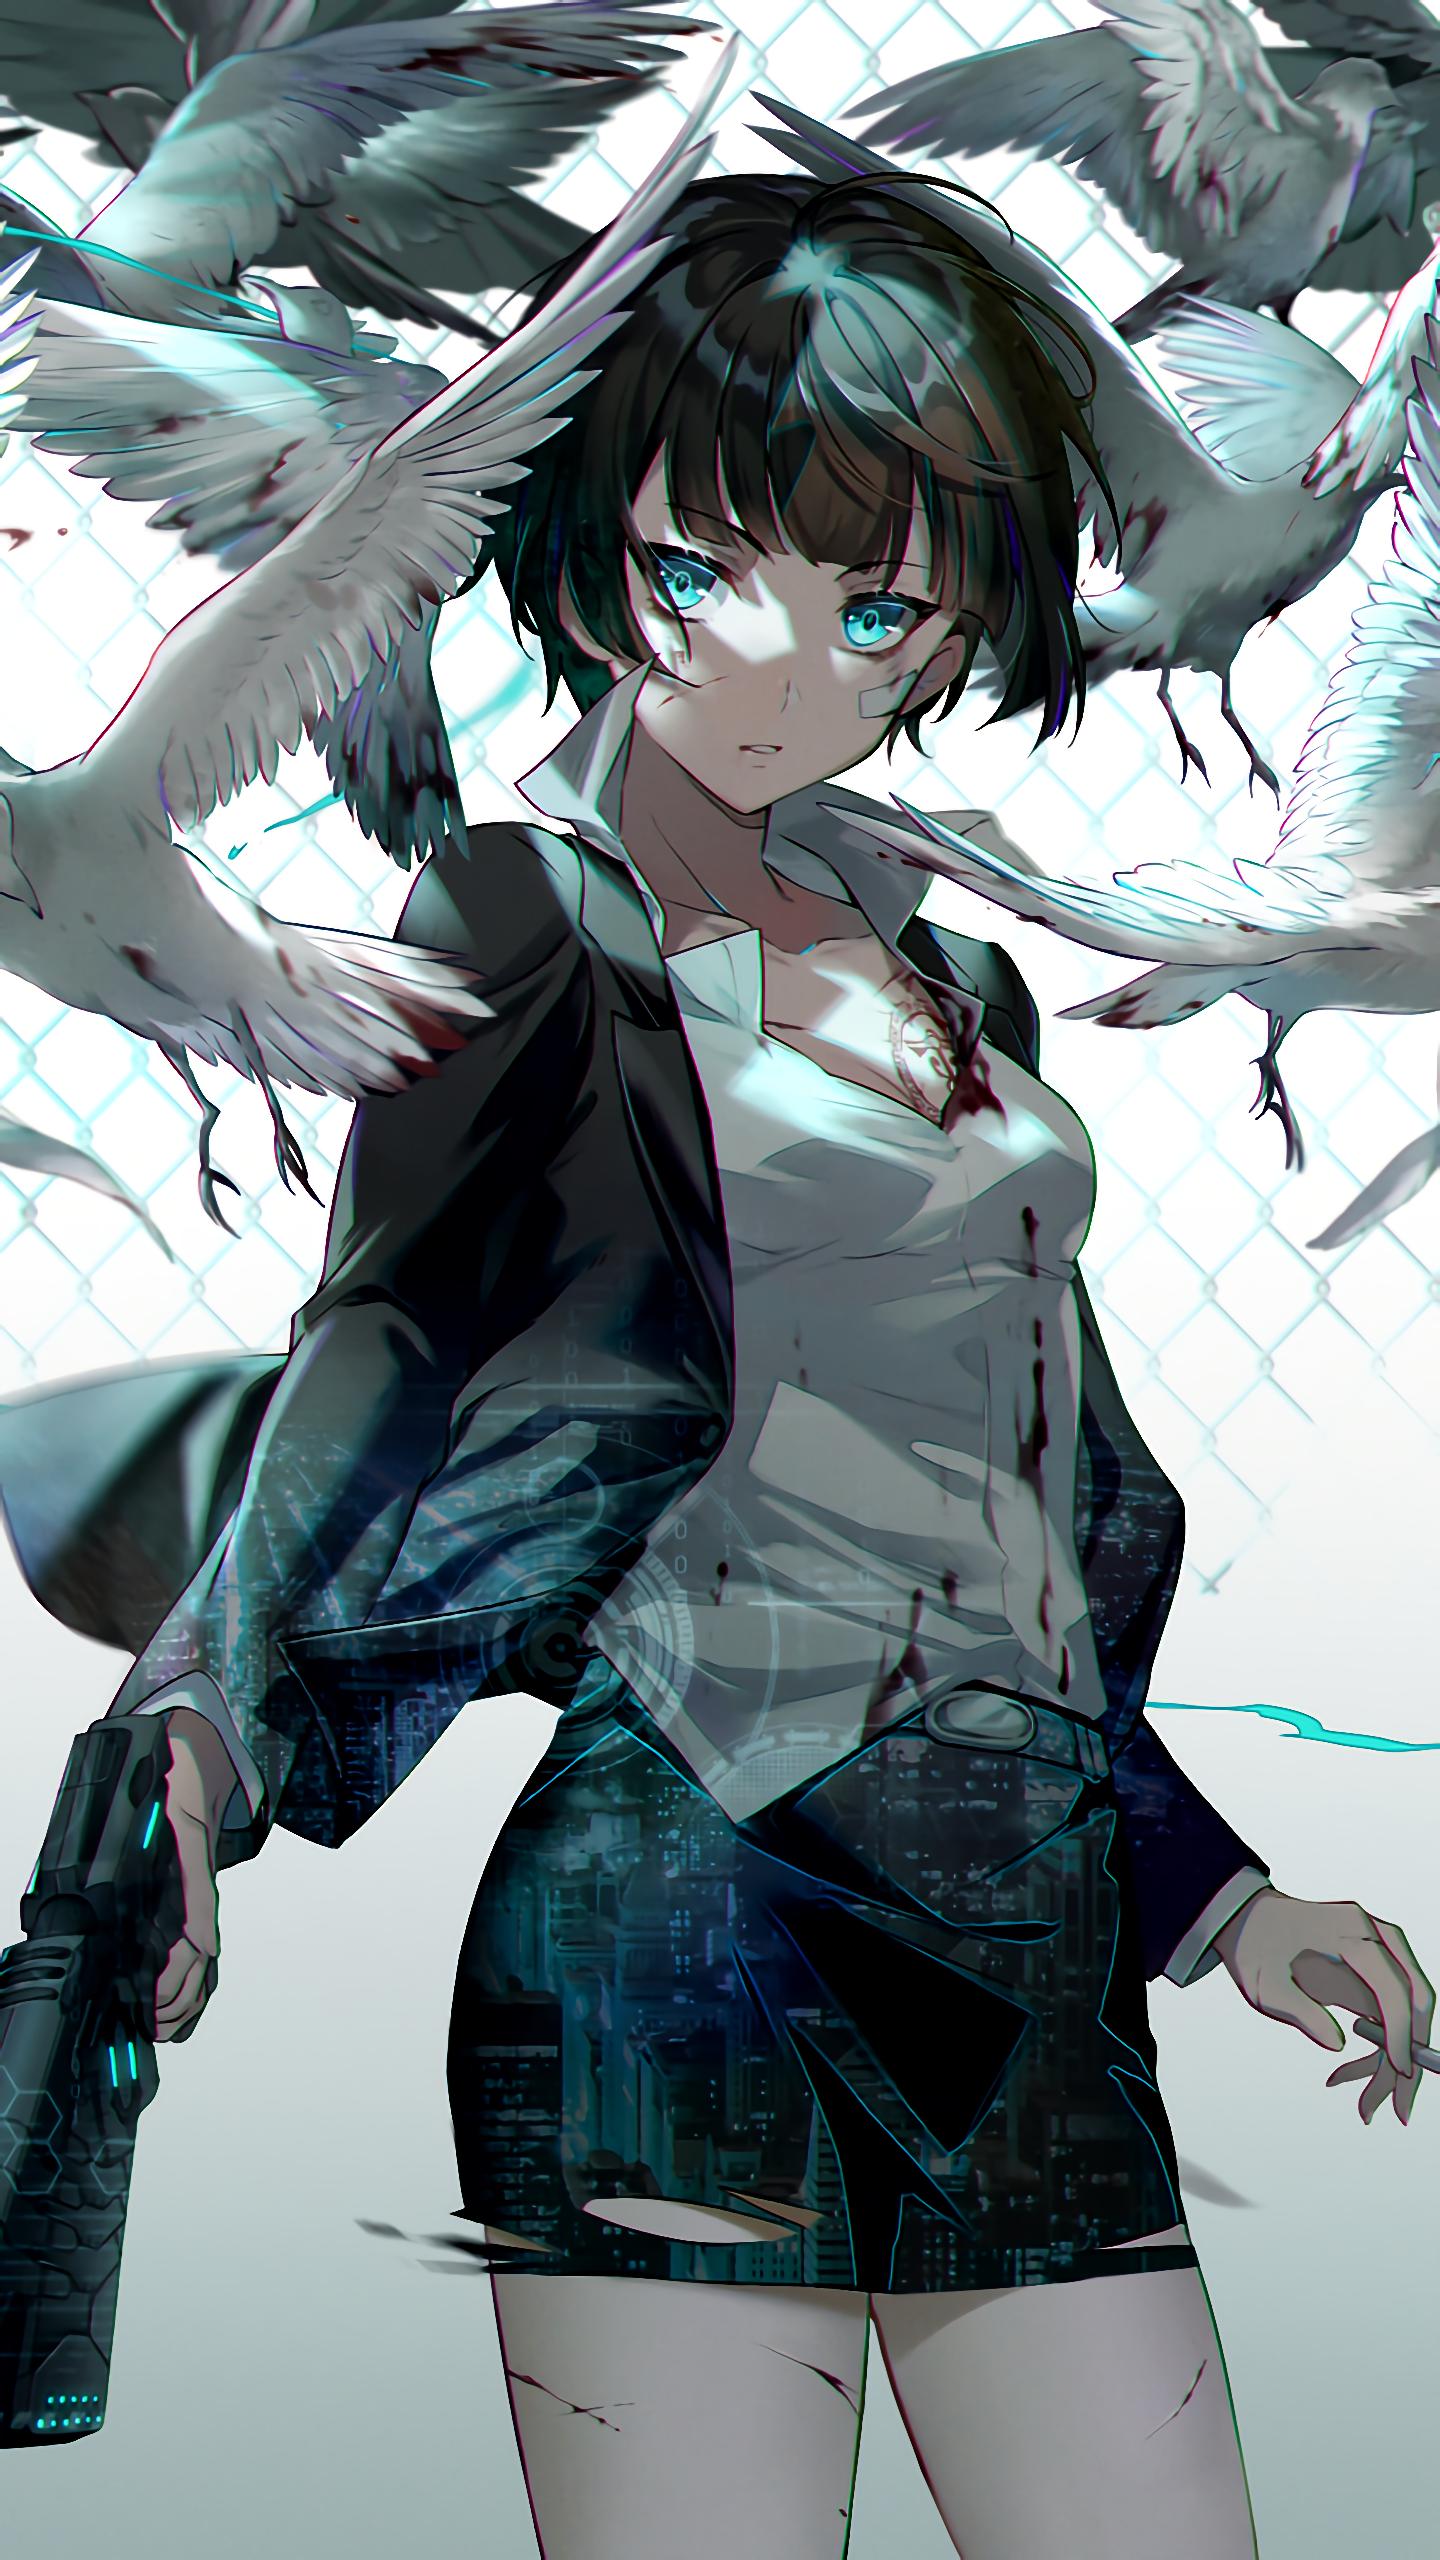 Pin On Anime Art Ideas